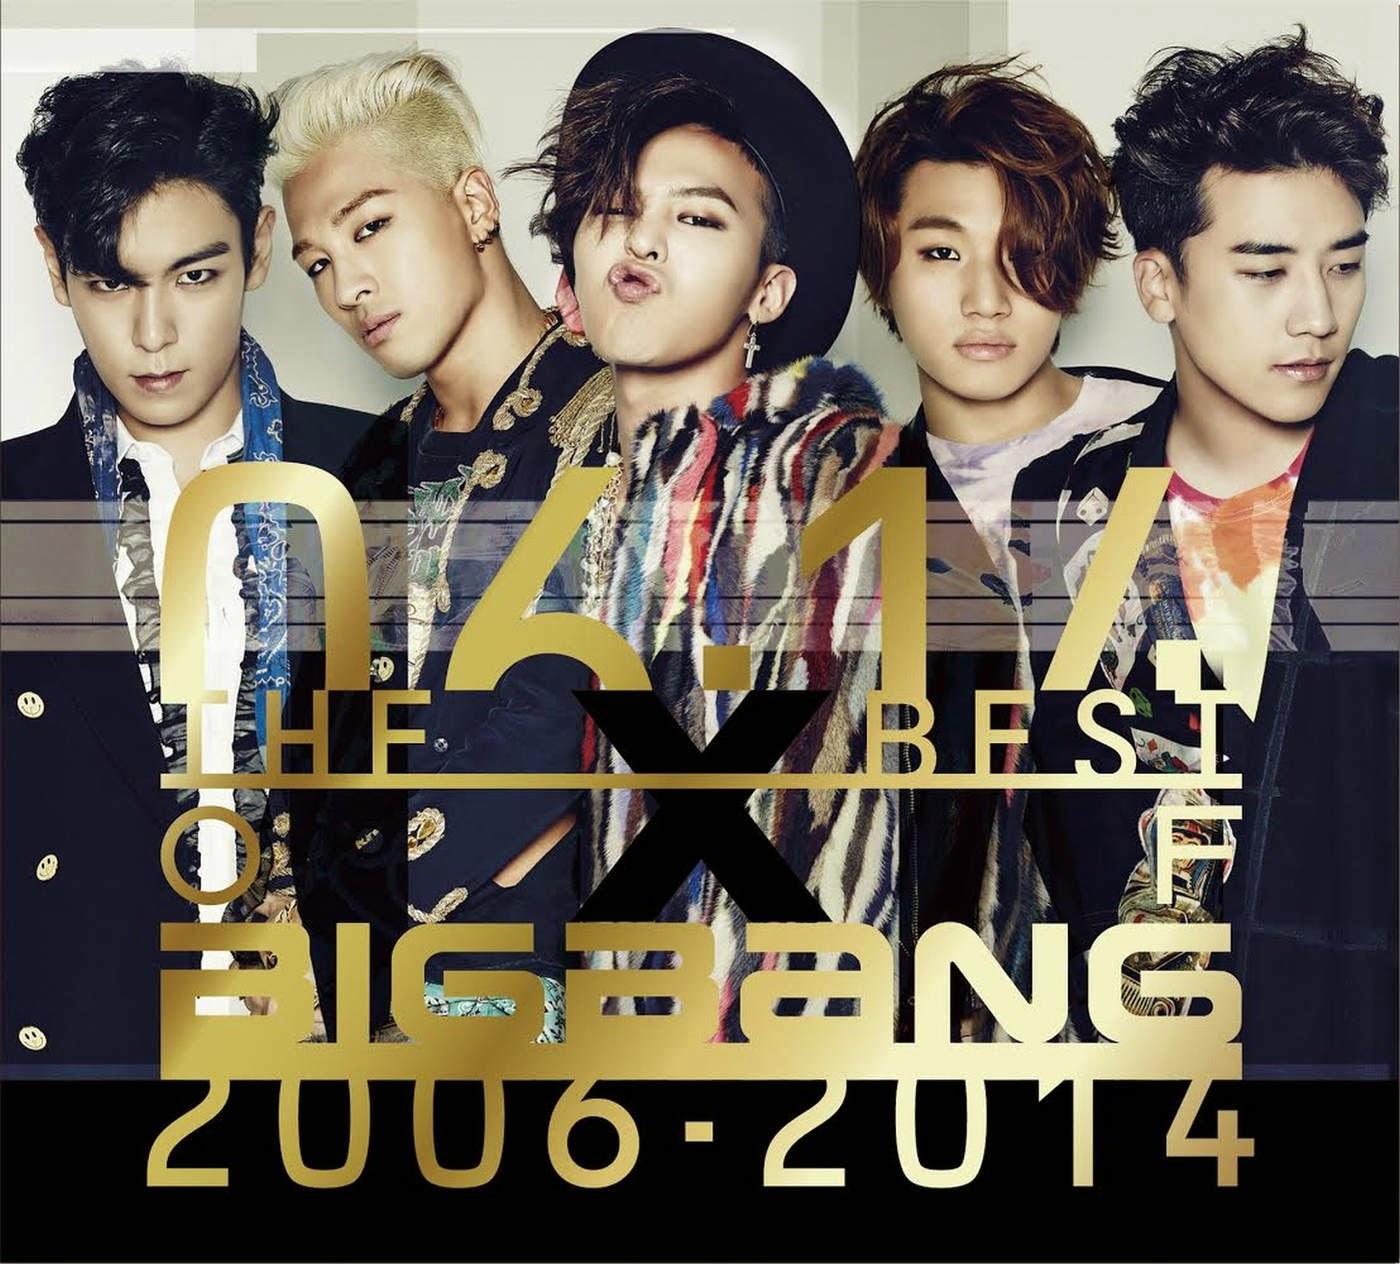 BIGBANG SPECIAL EVENT